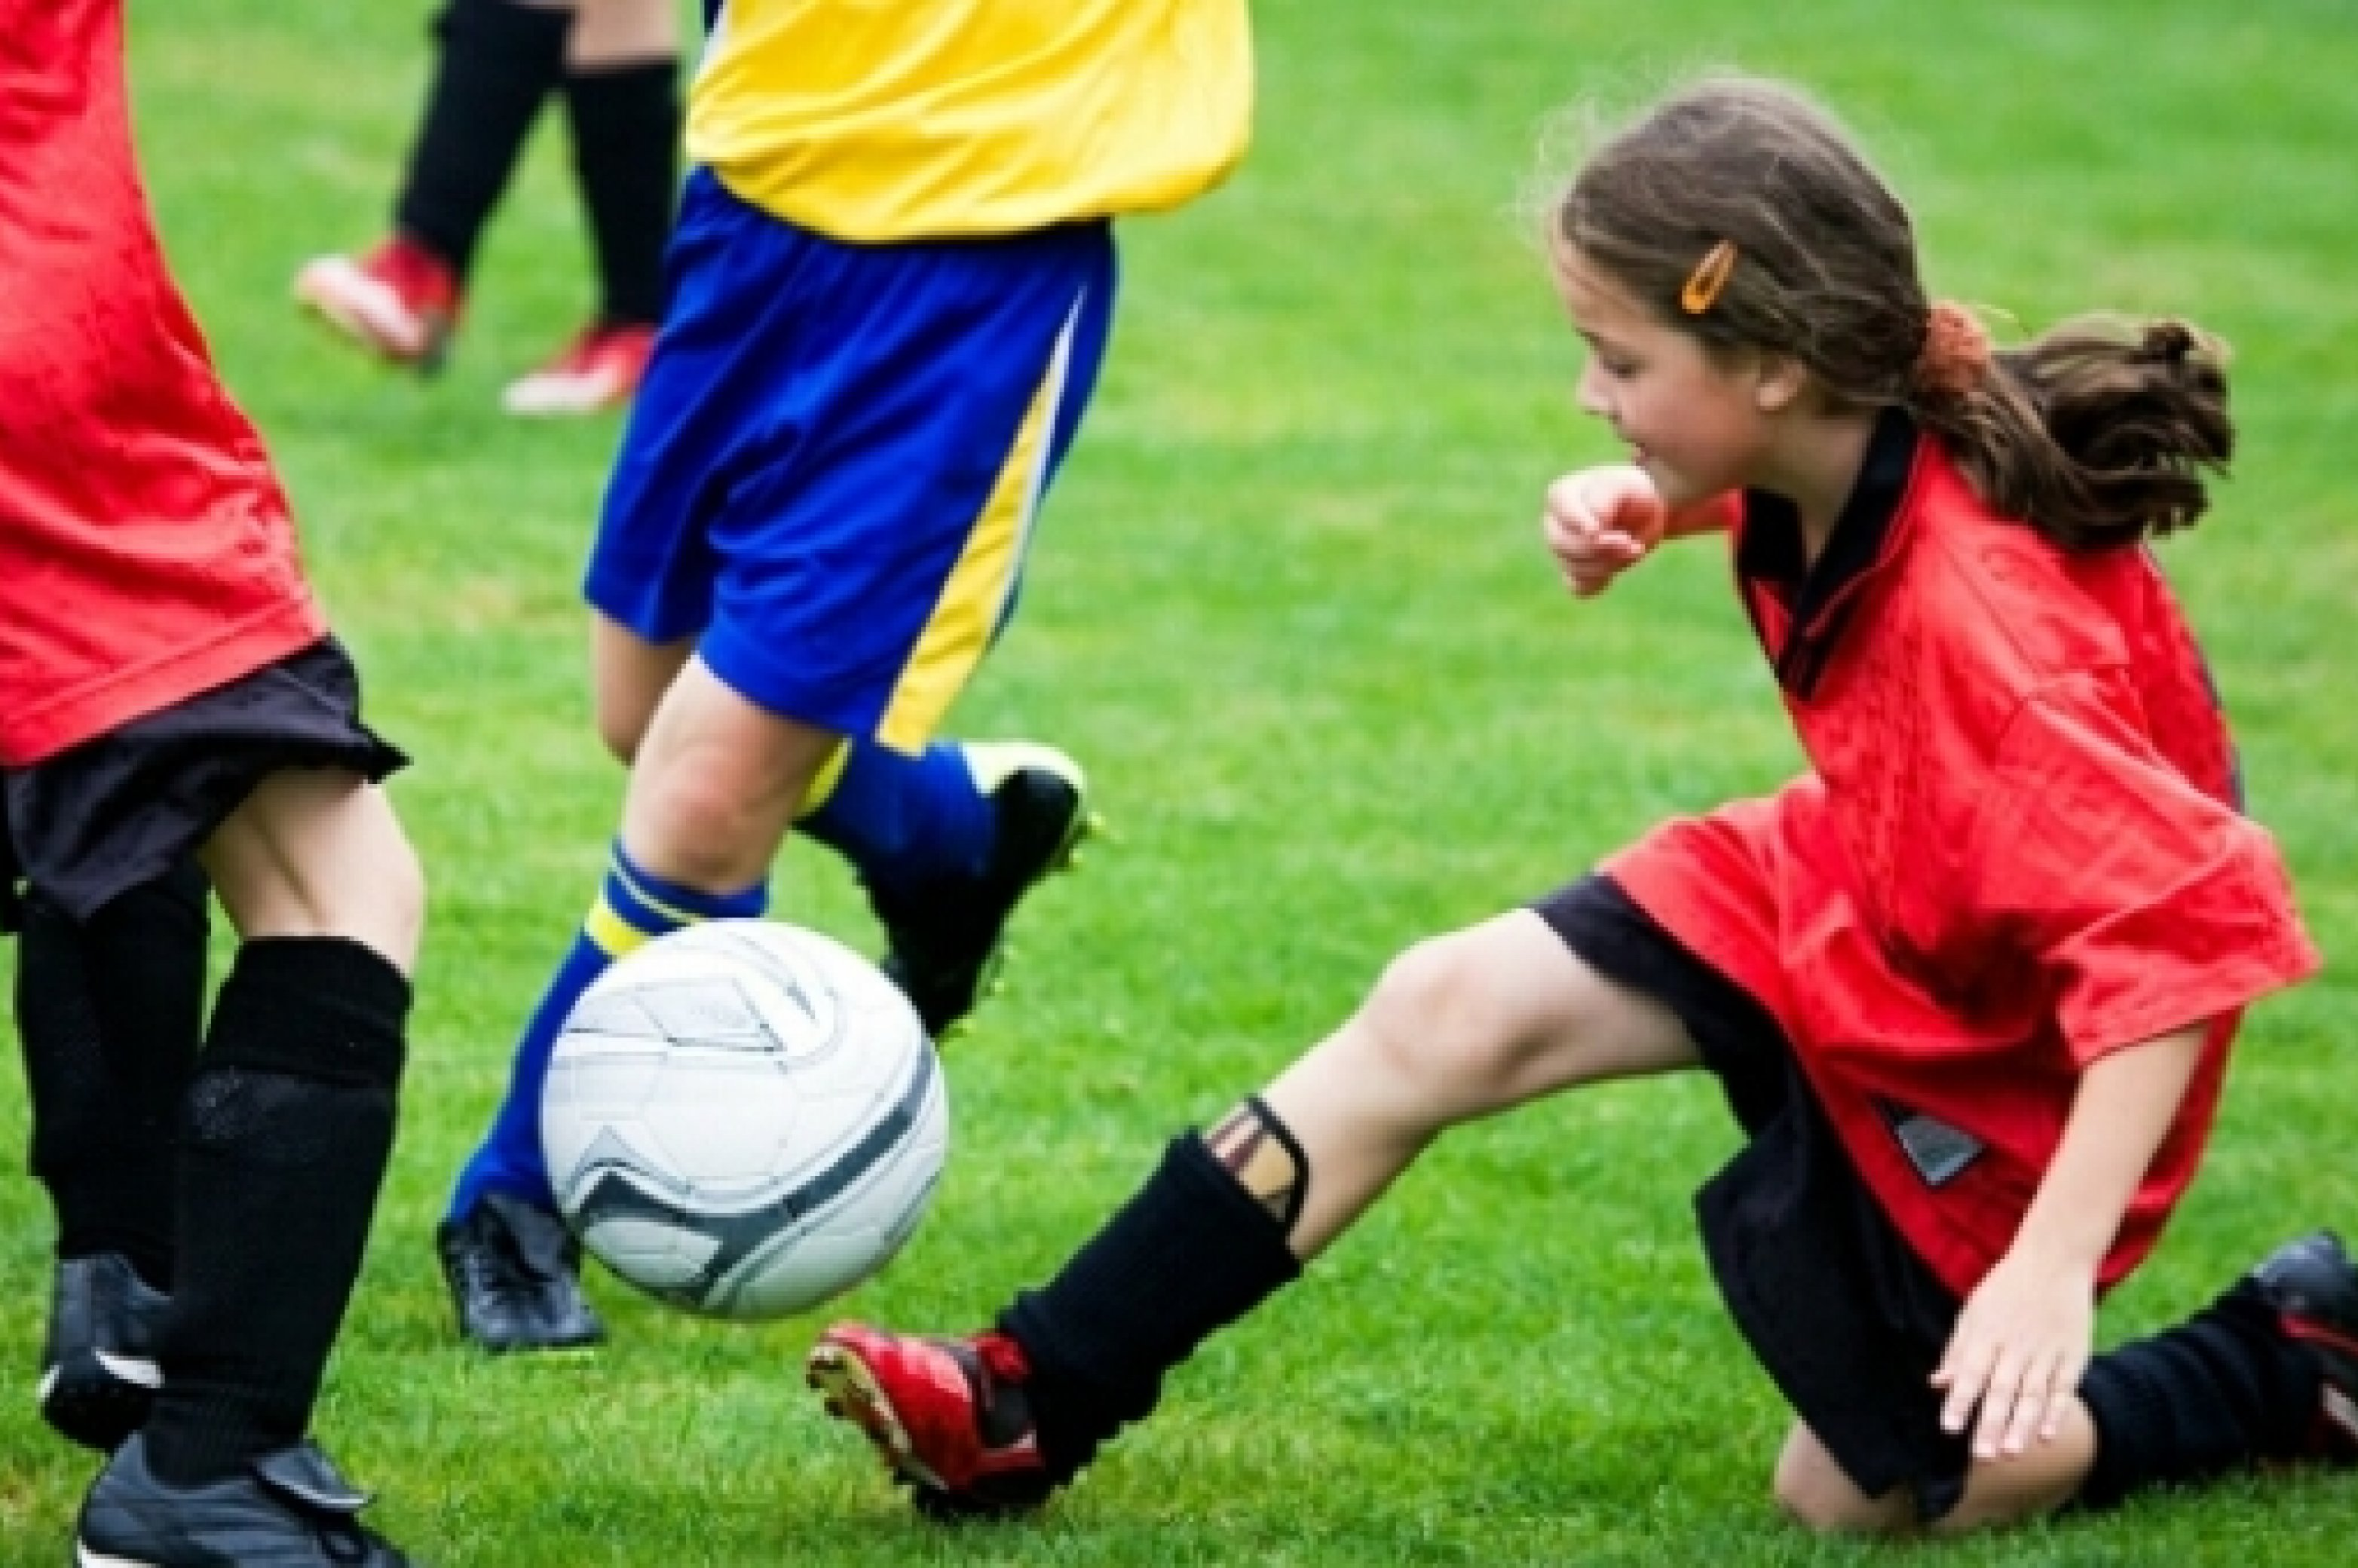 Kinder spielen Fußball